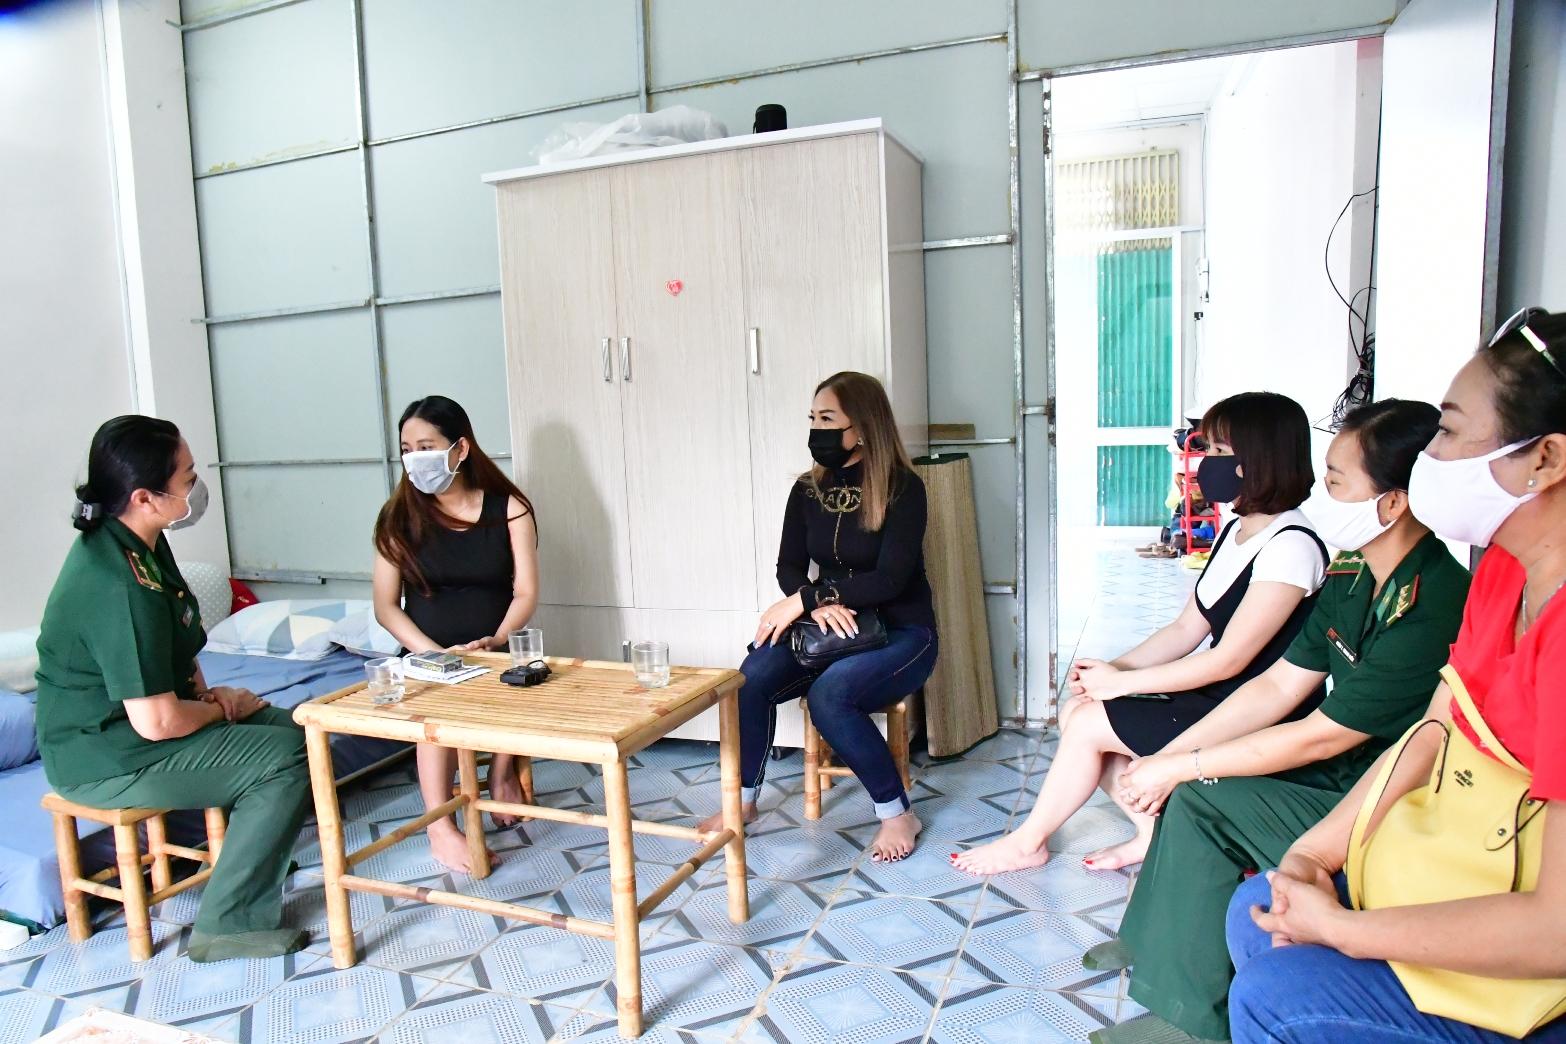 Chi hội Phụ nữ BĐBP Tây Ninh luôn là điểm tựa ấm áp cho những người vợ lính sắp vượt cạn